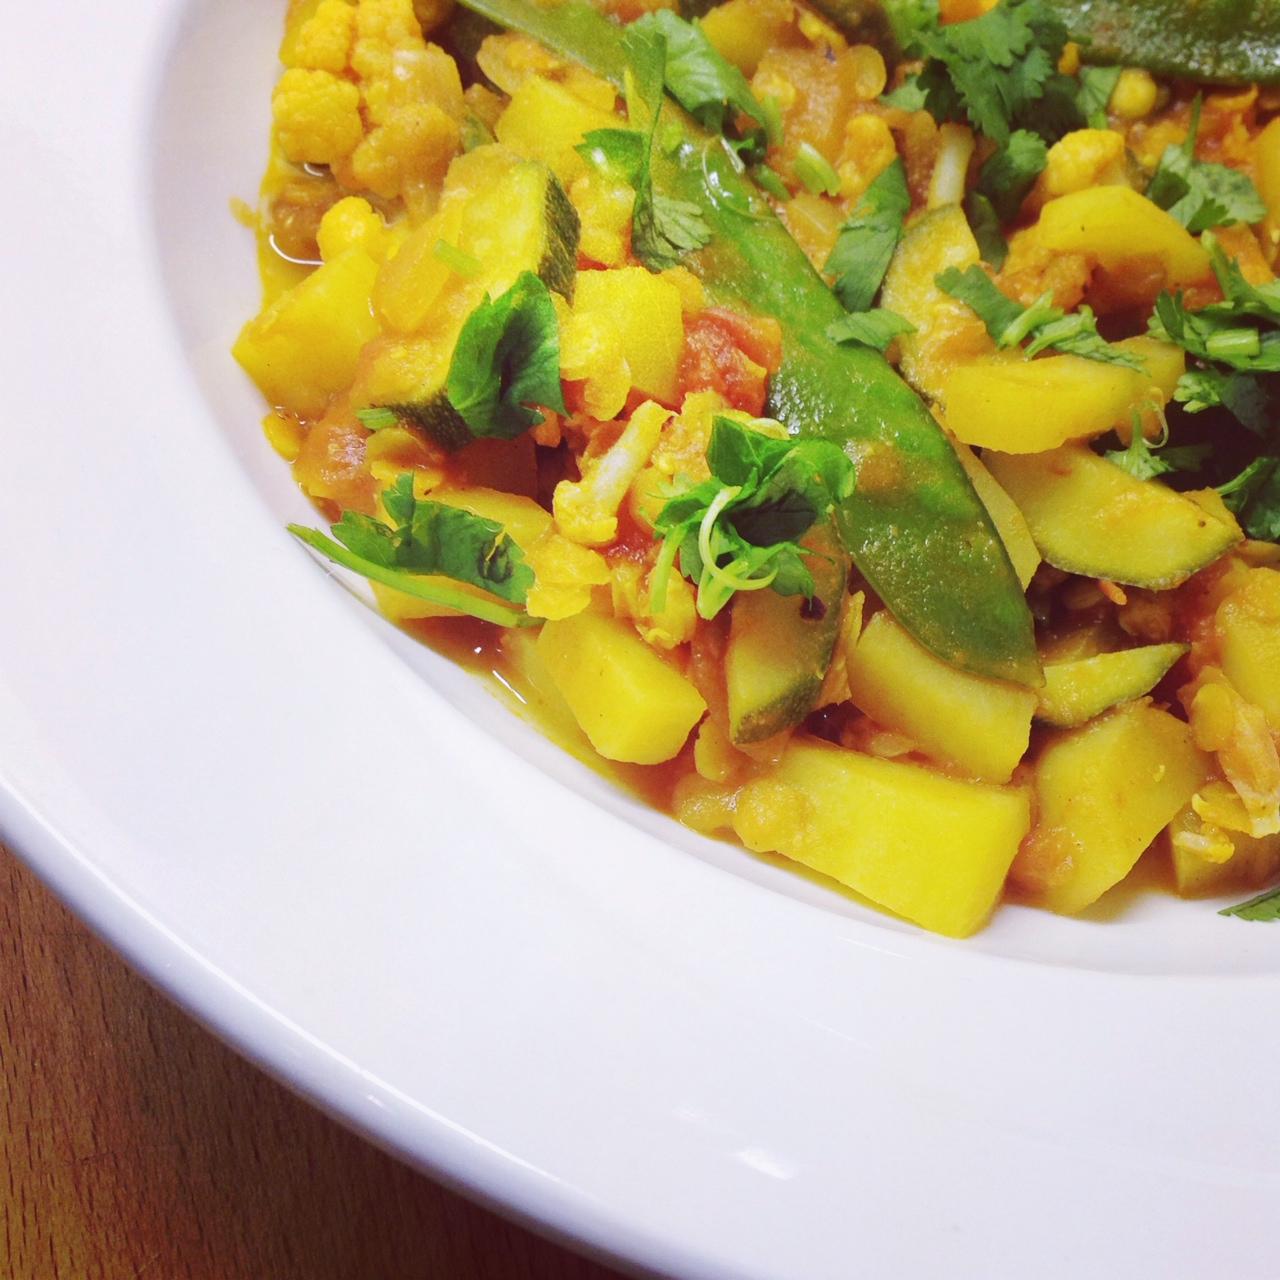 Blumenkohlcurry mit gelben Linsen - vegan